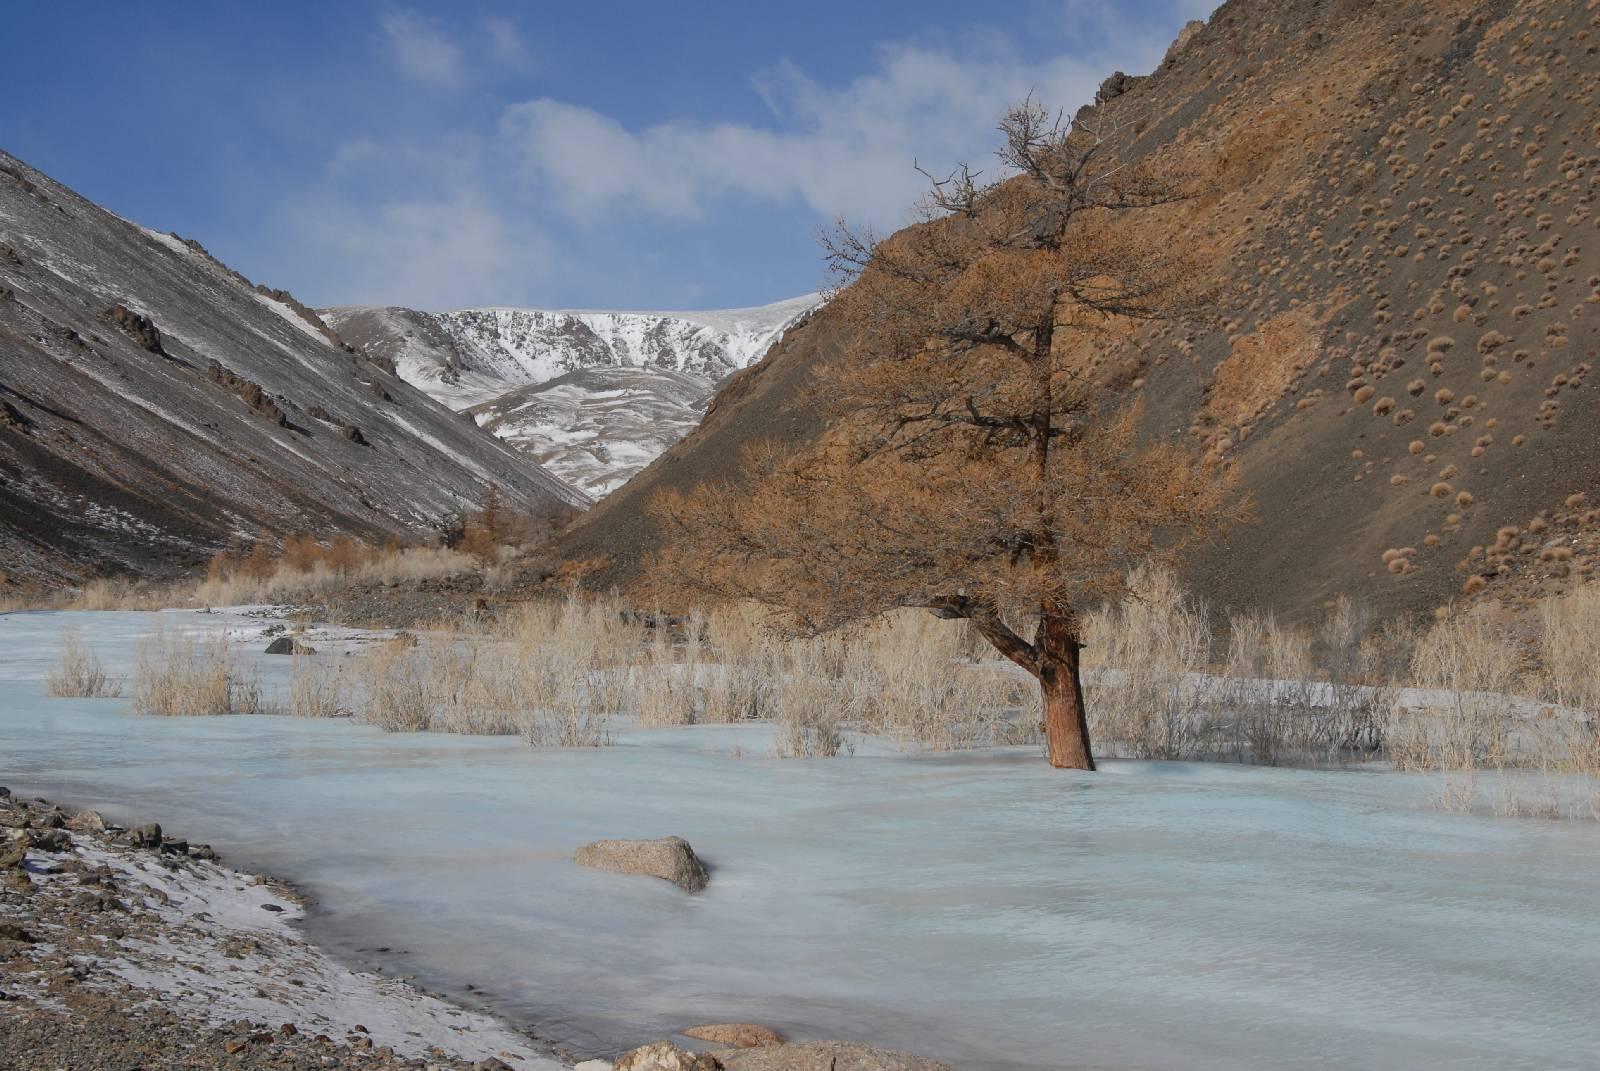 Parco nazionale Siilkhem, in Mongolia (Monti Altai): habitat del leopardo delle nevi